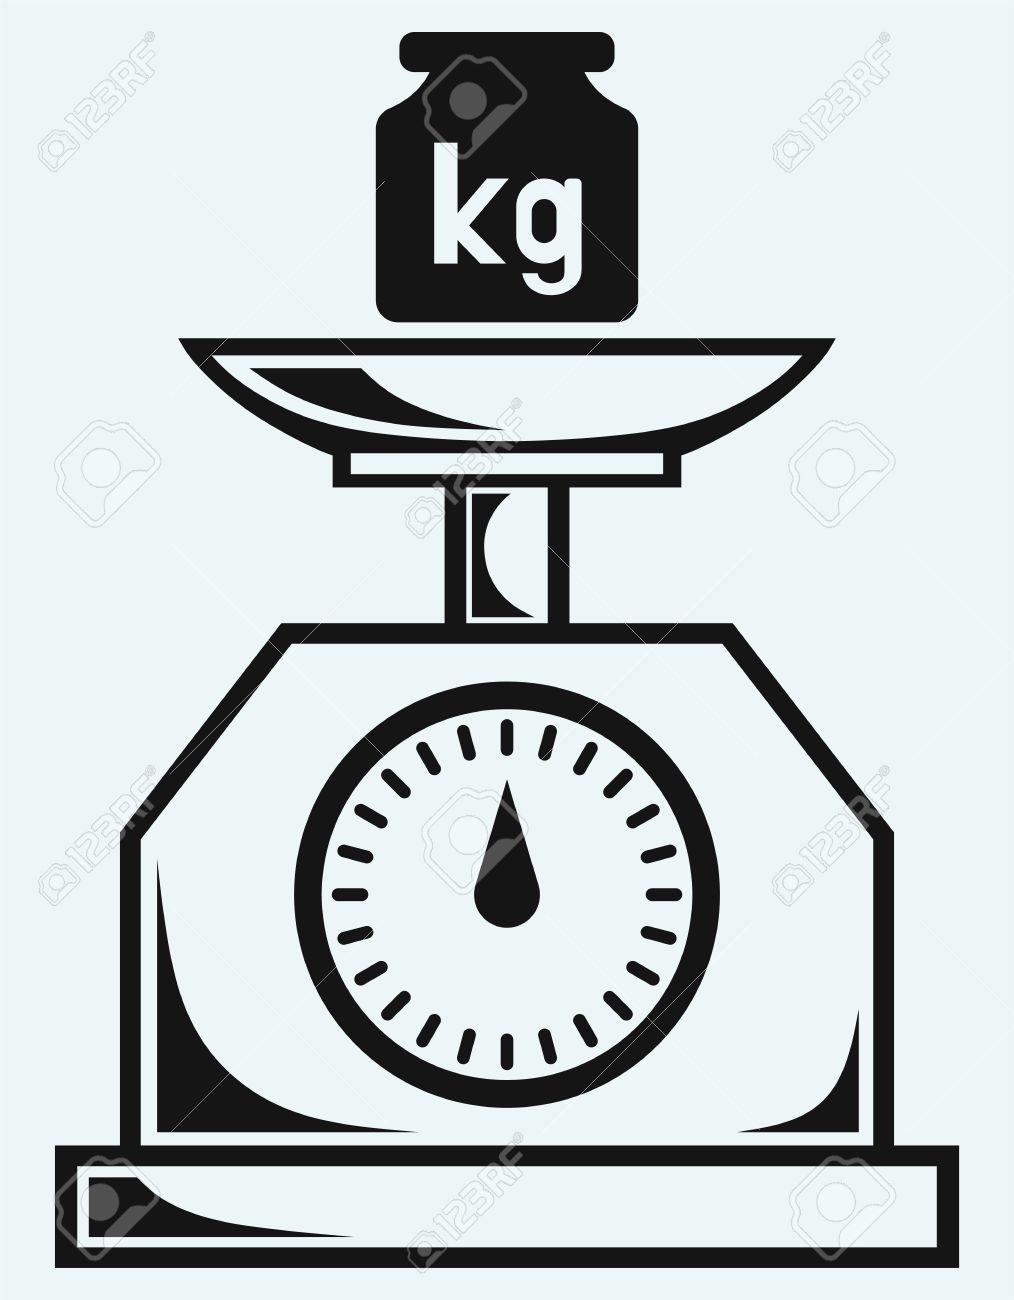 体重計と重量キログラムのイラス...